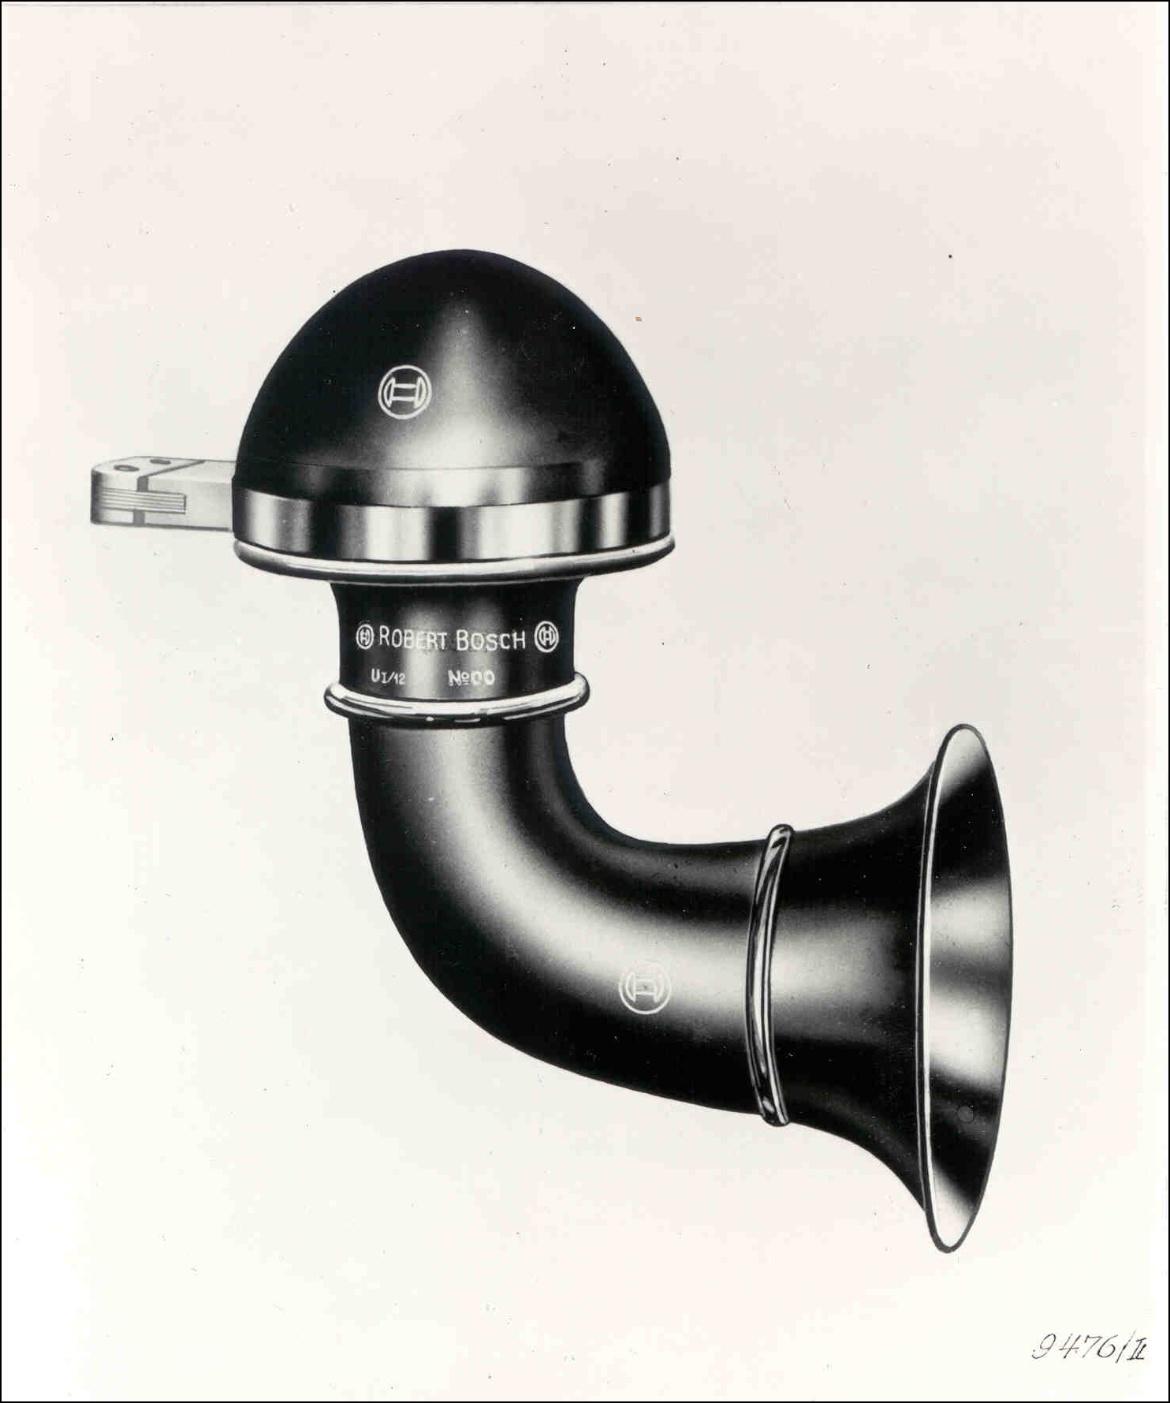 Bosch-Horn aus dem Jahr 1921 (c)